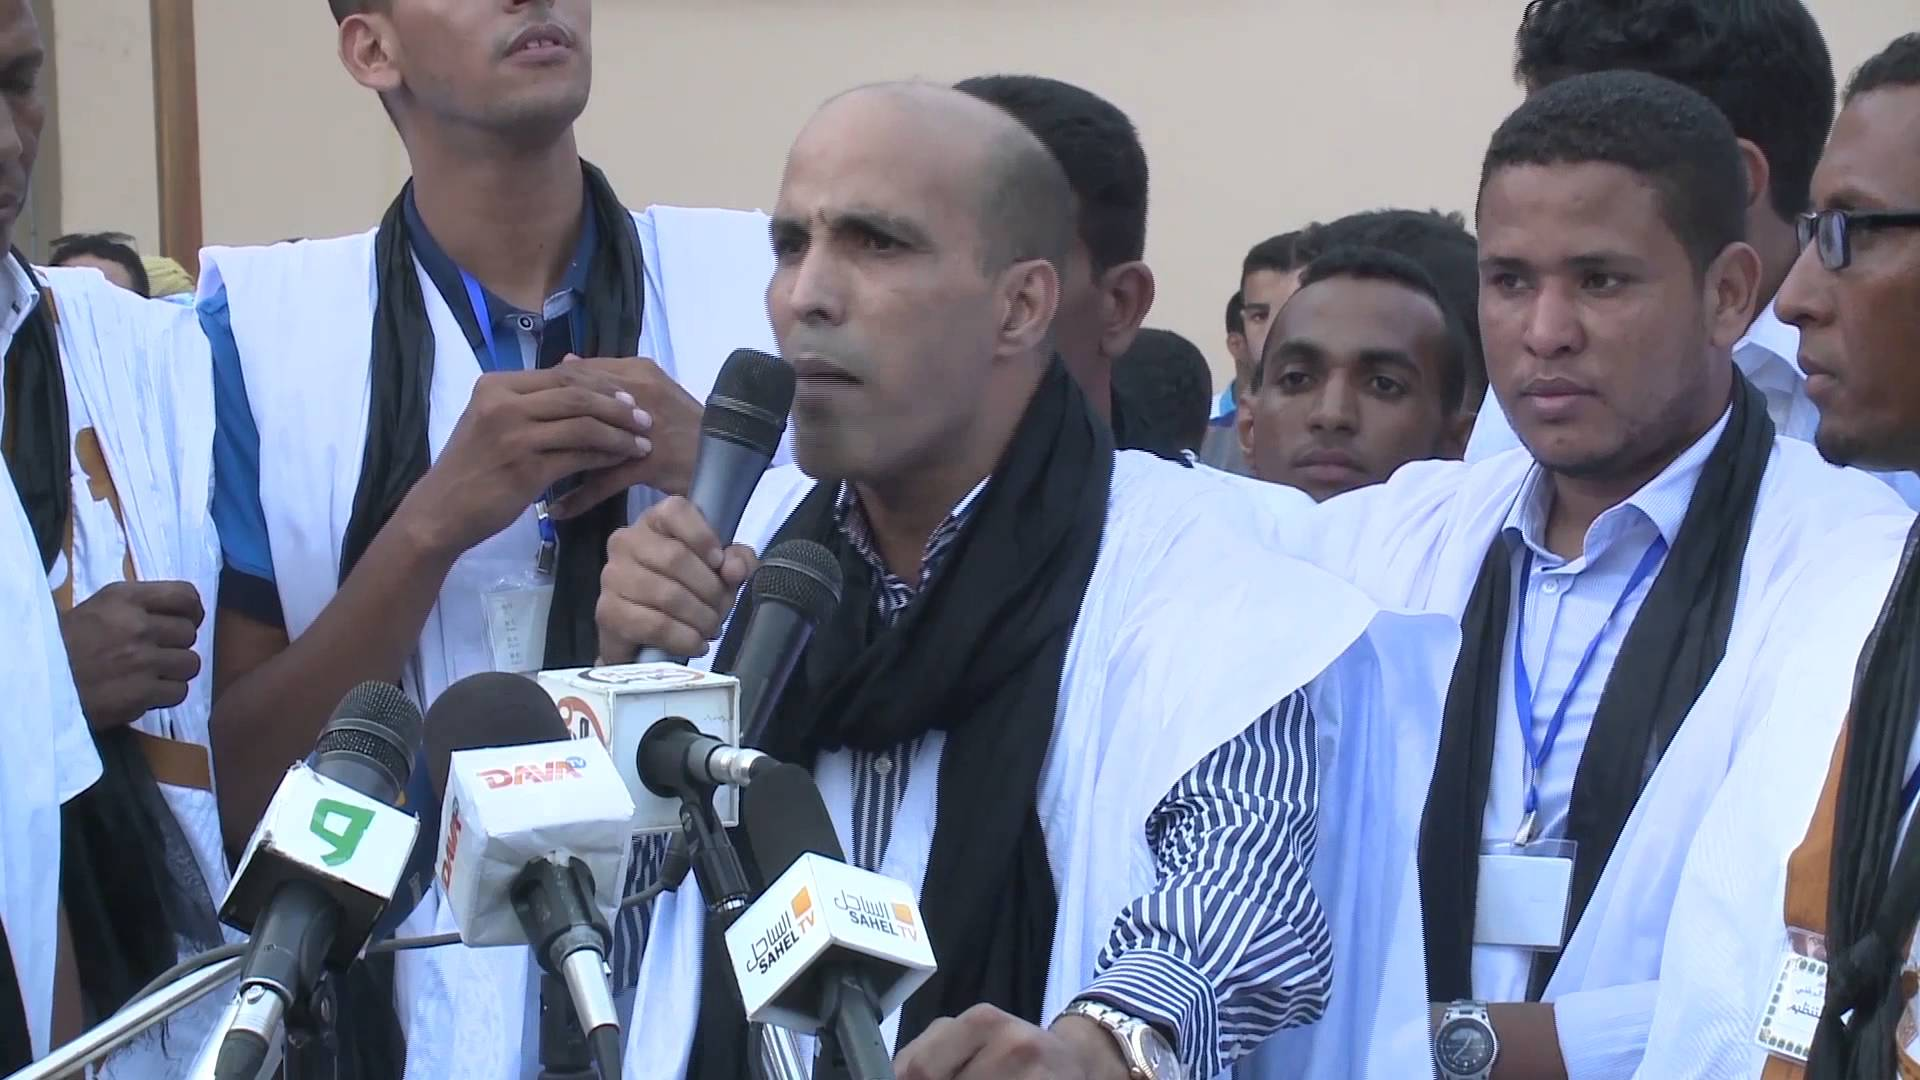 Le président du parti ''Nida Al Watan'' appelle à la coexistence pacifique